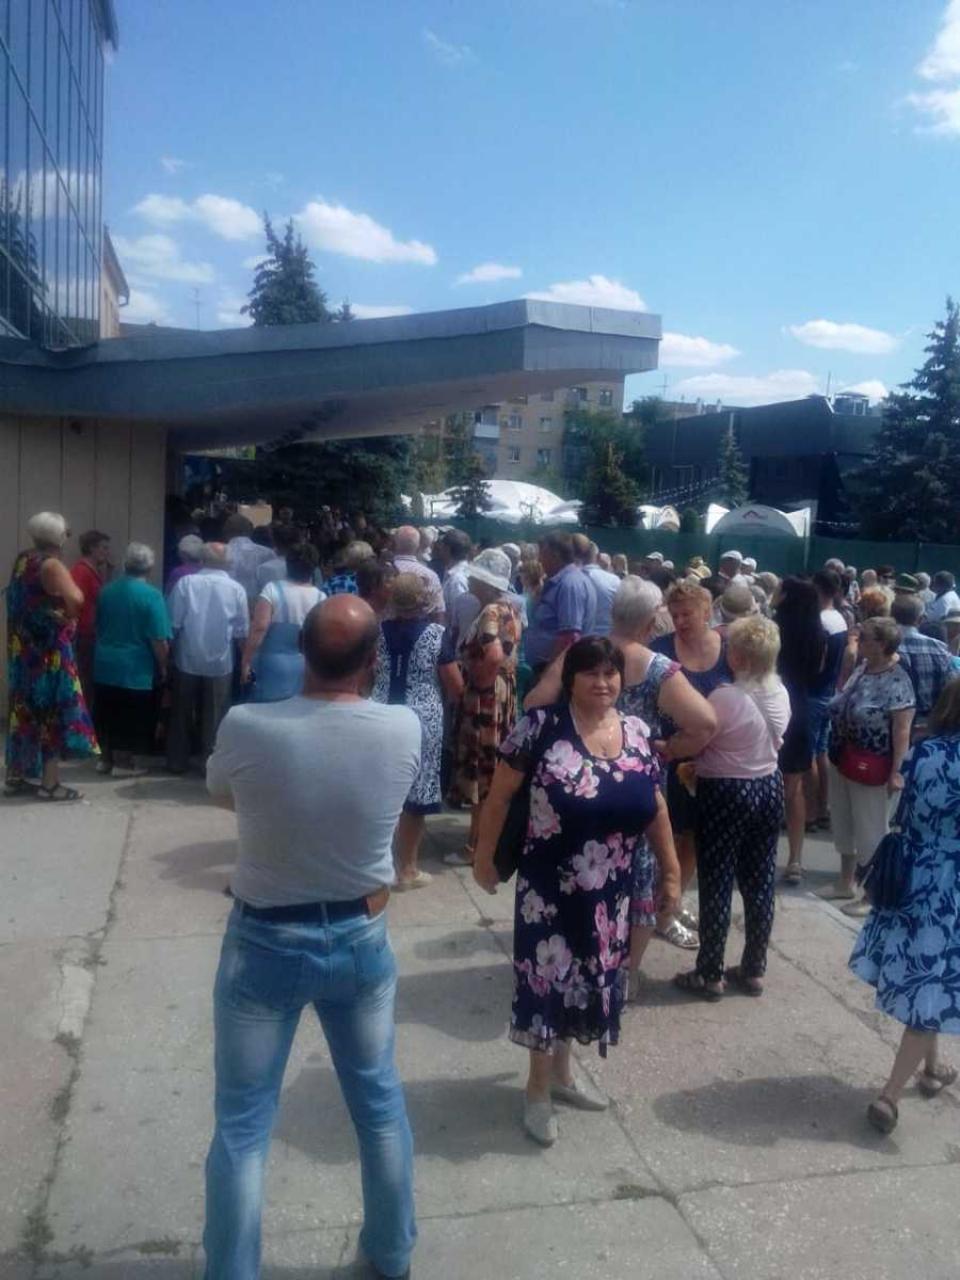 Без камер и документов руководитель КПК «Честь» много чего наобещал пайщикам, - «Блокнот Волгограда»